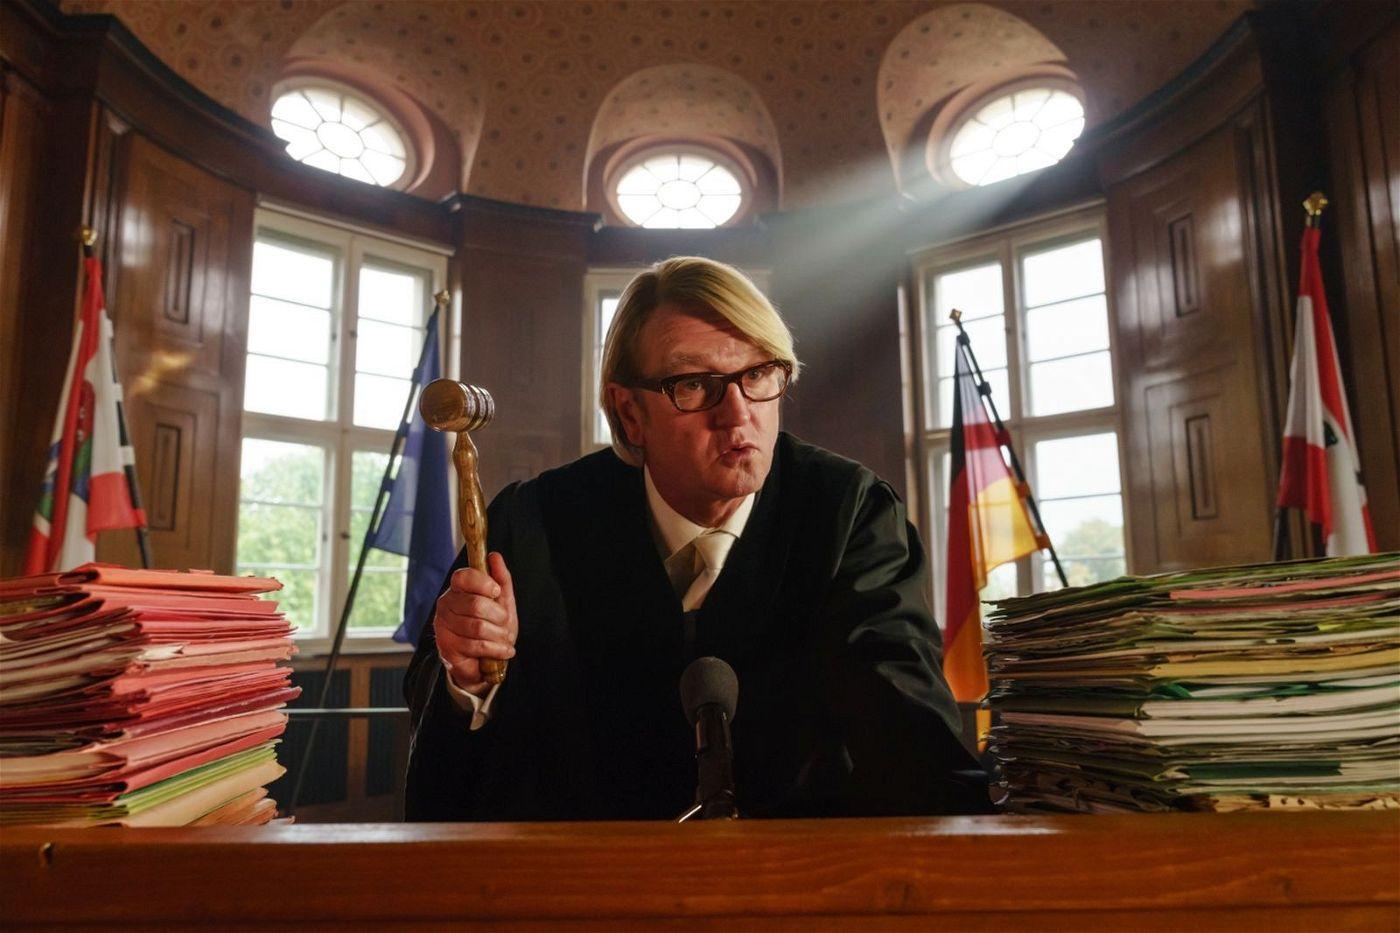 Der Richter (Detlev Buck) fällt das Urteil: Lolle muss 40 Sozialstunden an einer Schule ableisten.